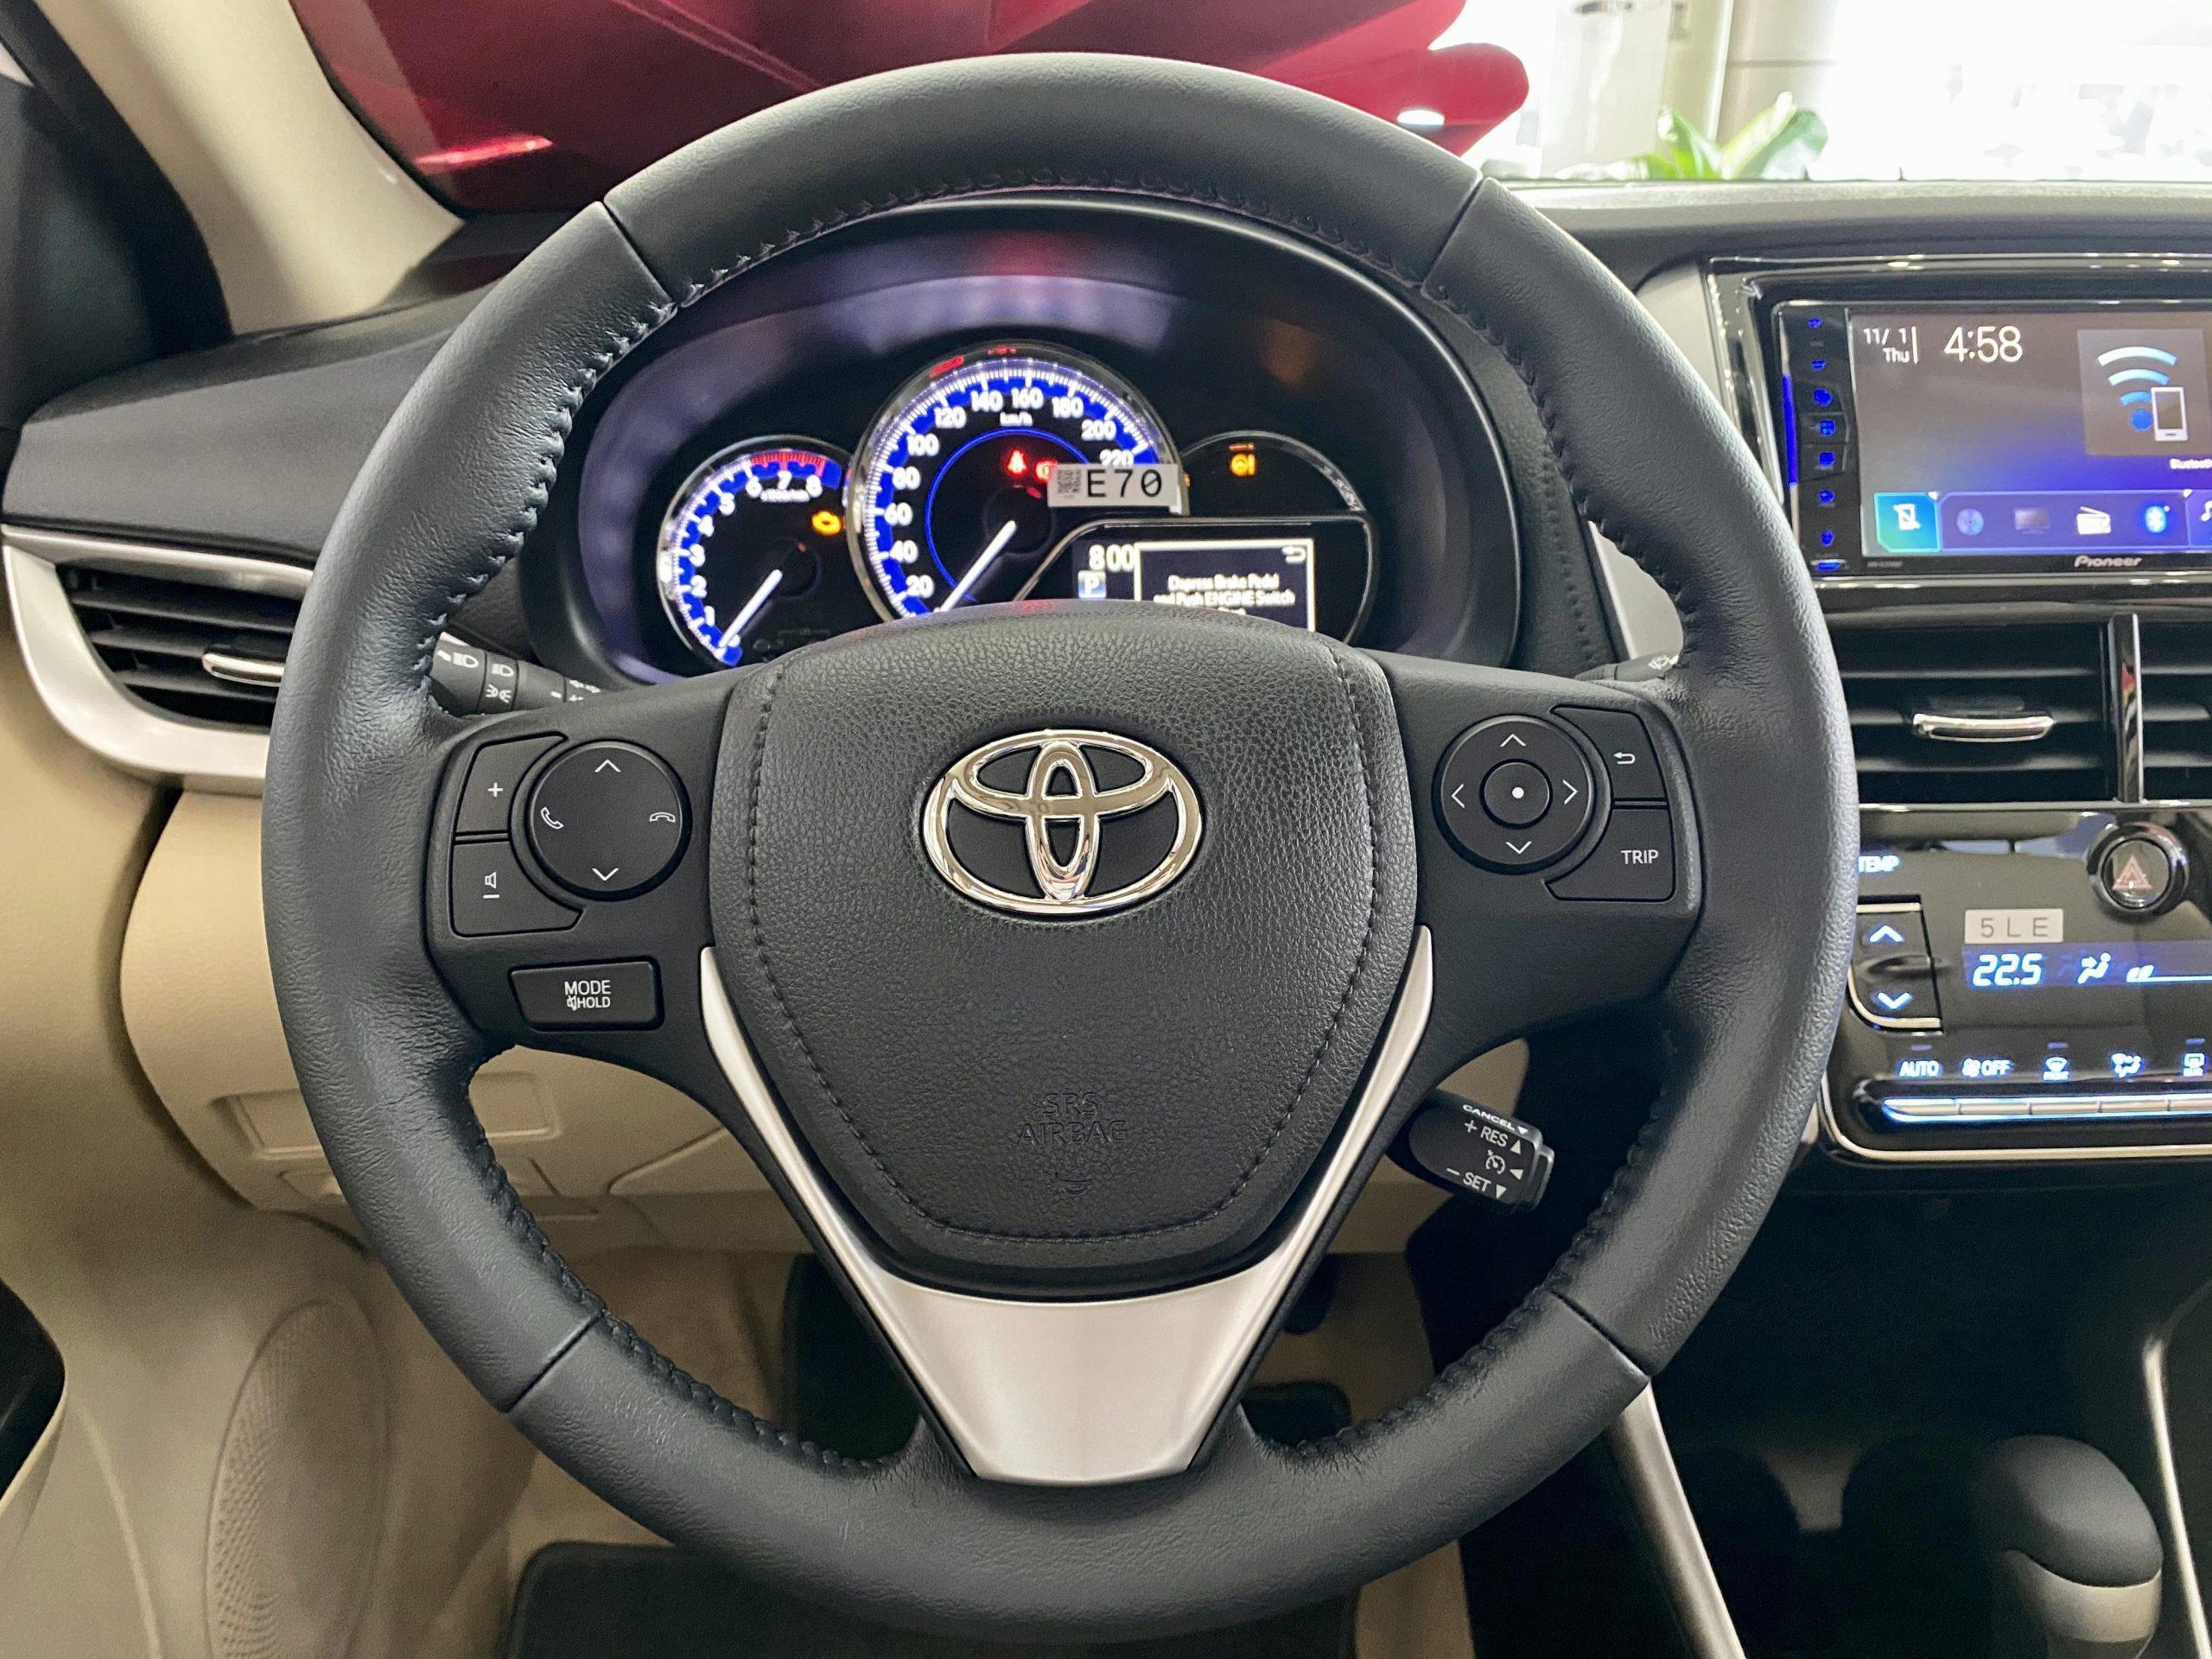 Vios 2020 G 04 scaled - Toyota Vios 2020: giá bán và khuyến mãi cập nhật mỗi 2 phút